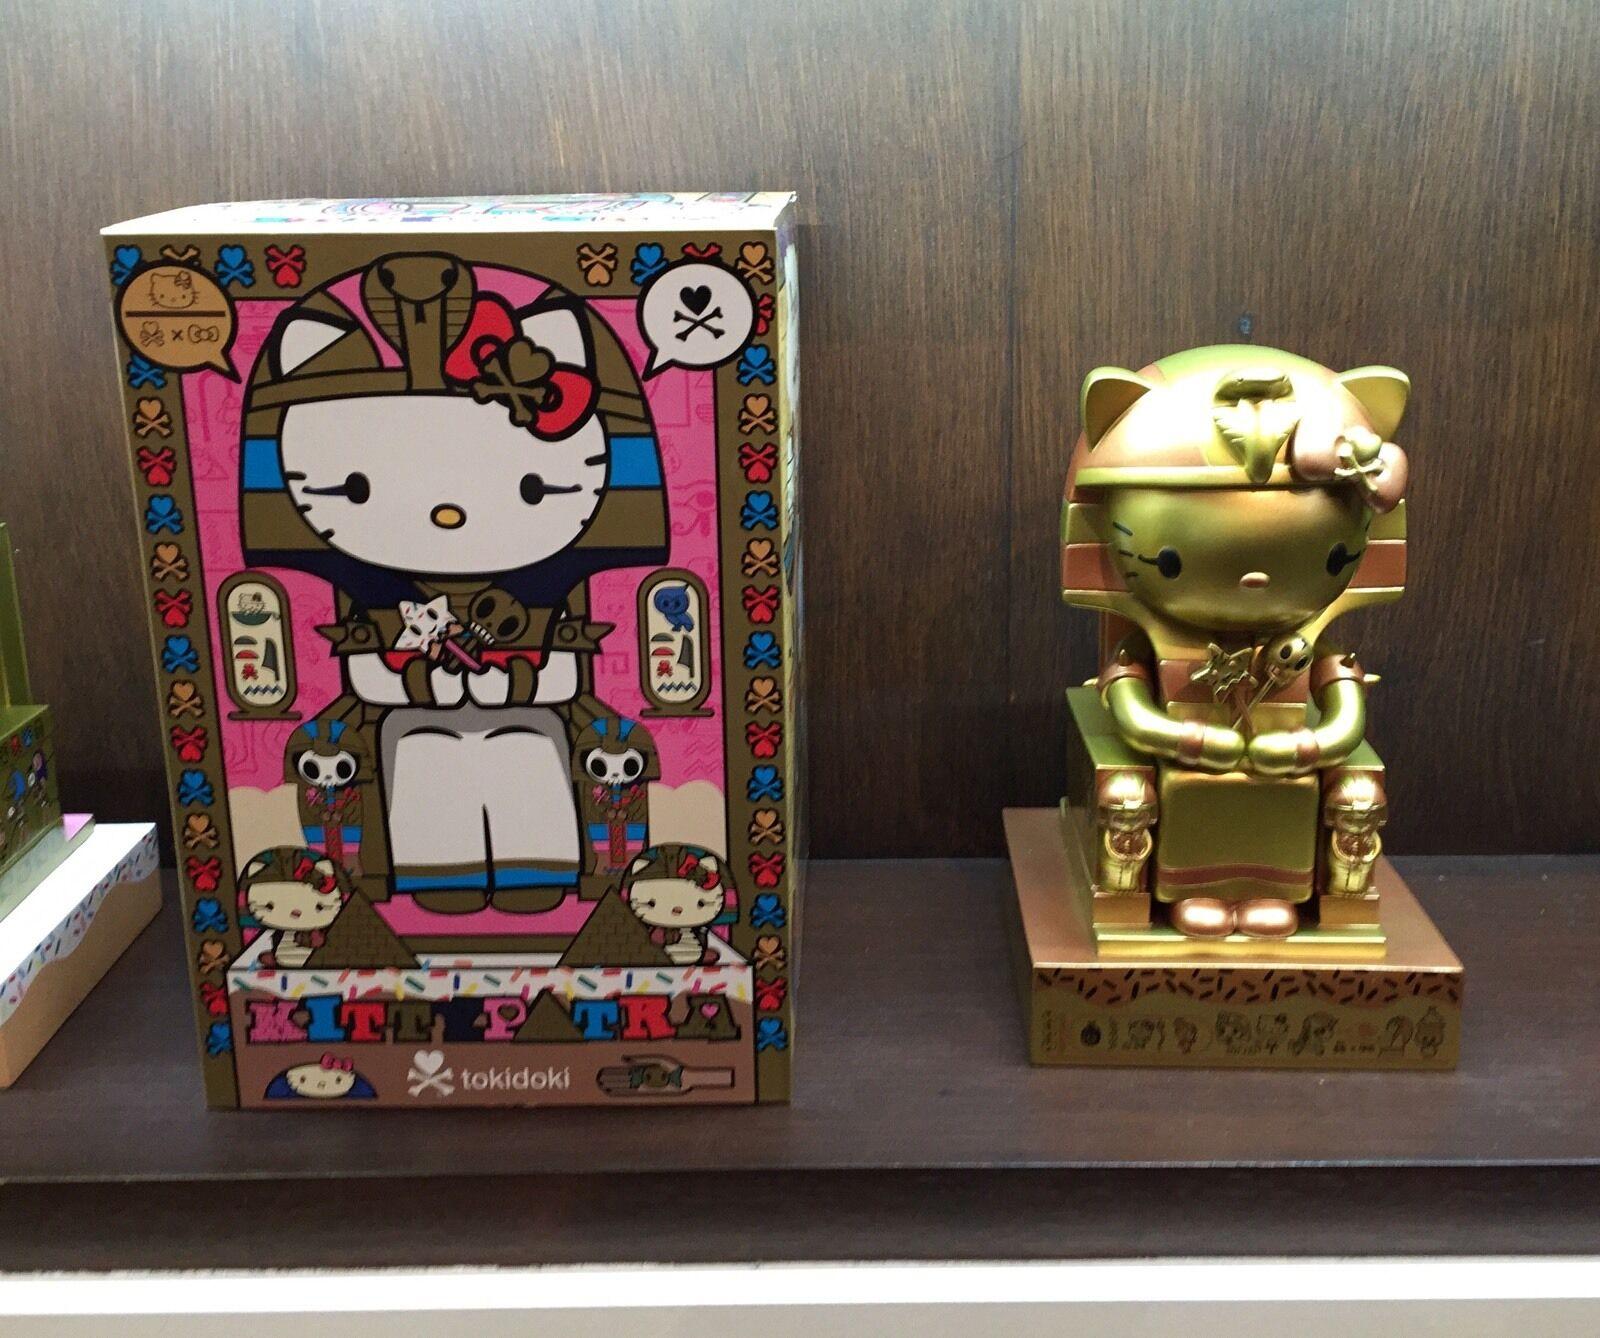 Tokidoki X Hello Kitty Edición Limitada (500 Piezas) kittypatra Oro De 10 Pulgadas Vinilo Nuevo En Caja